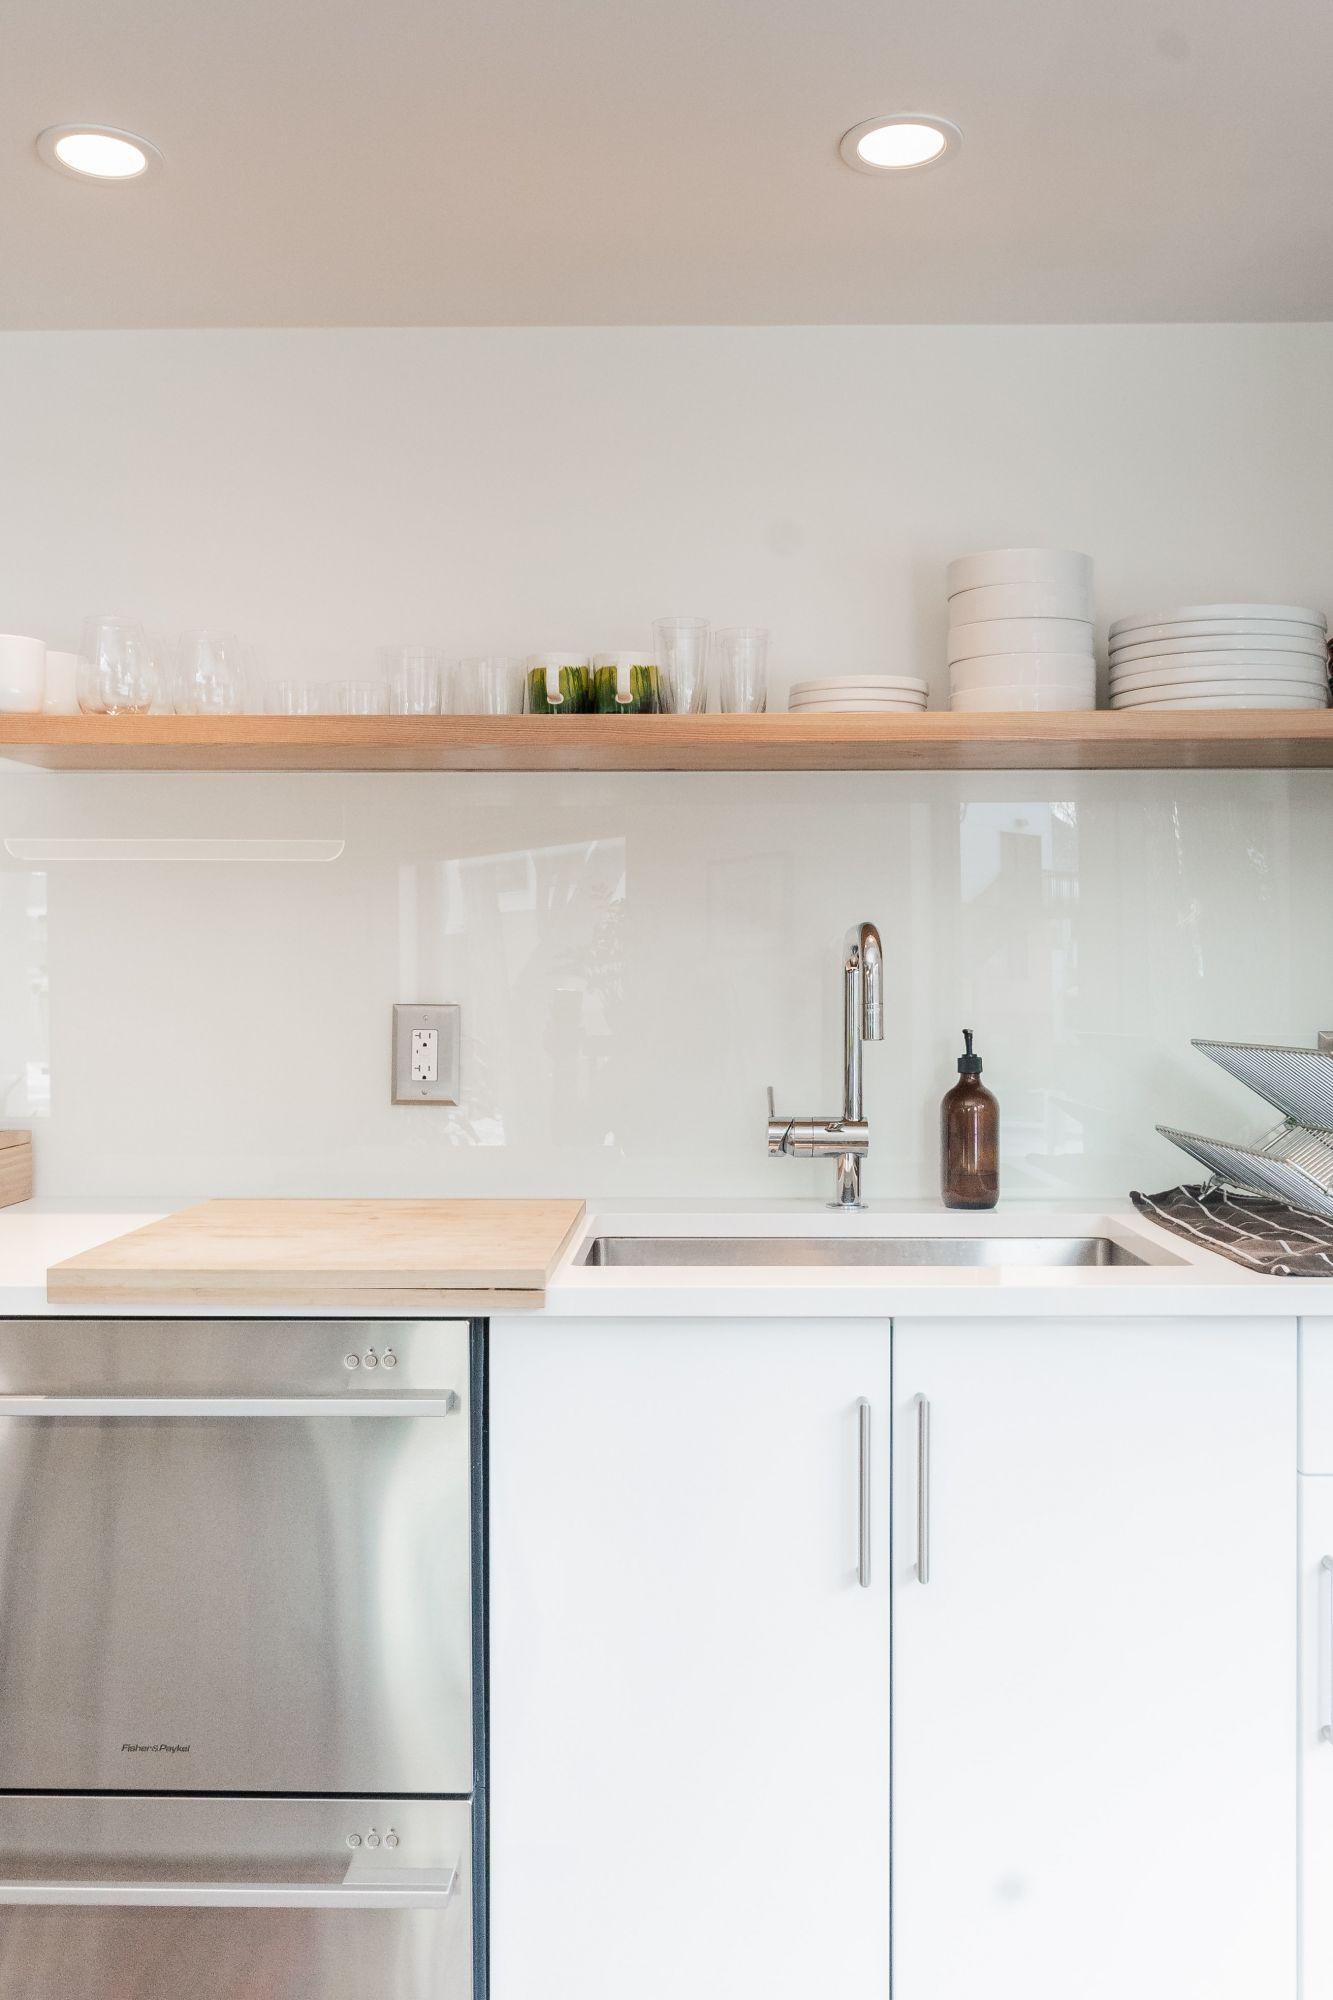 Accessori per la cucina: tagliere scorrevole sopra il lavabo